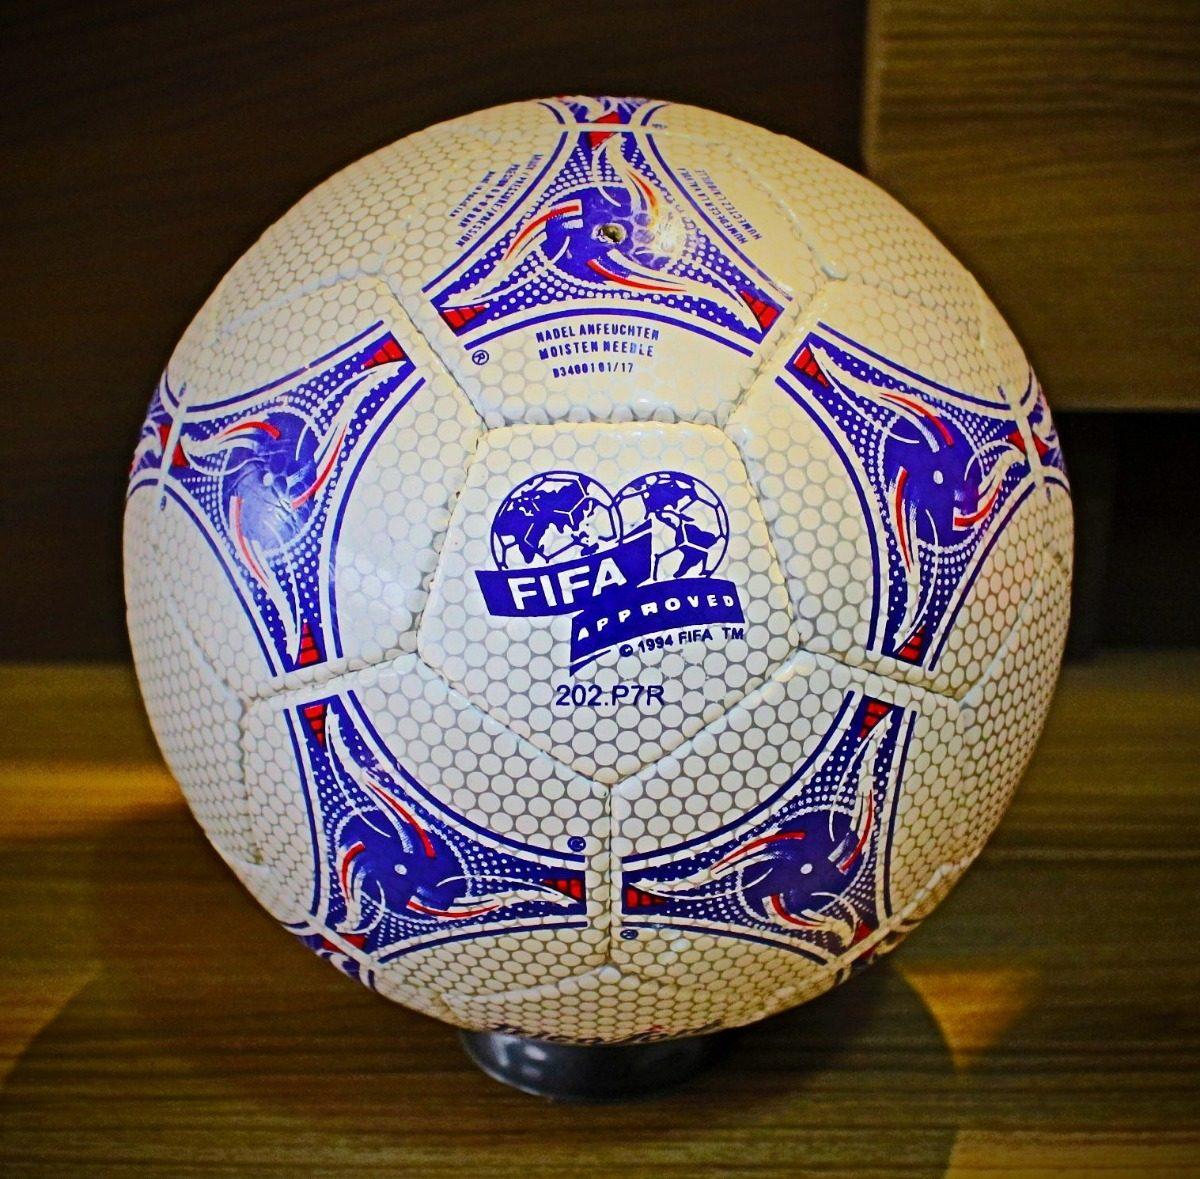 6b71b9ecdb bola adidas tricolore oficial de jogo copa da frança 1998. Carregando zoom.